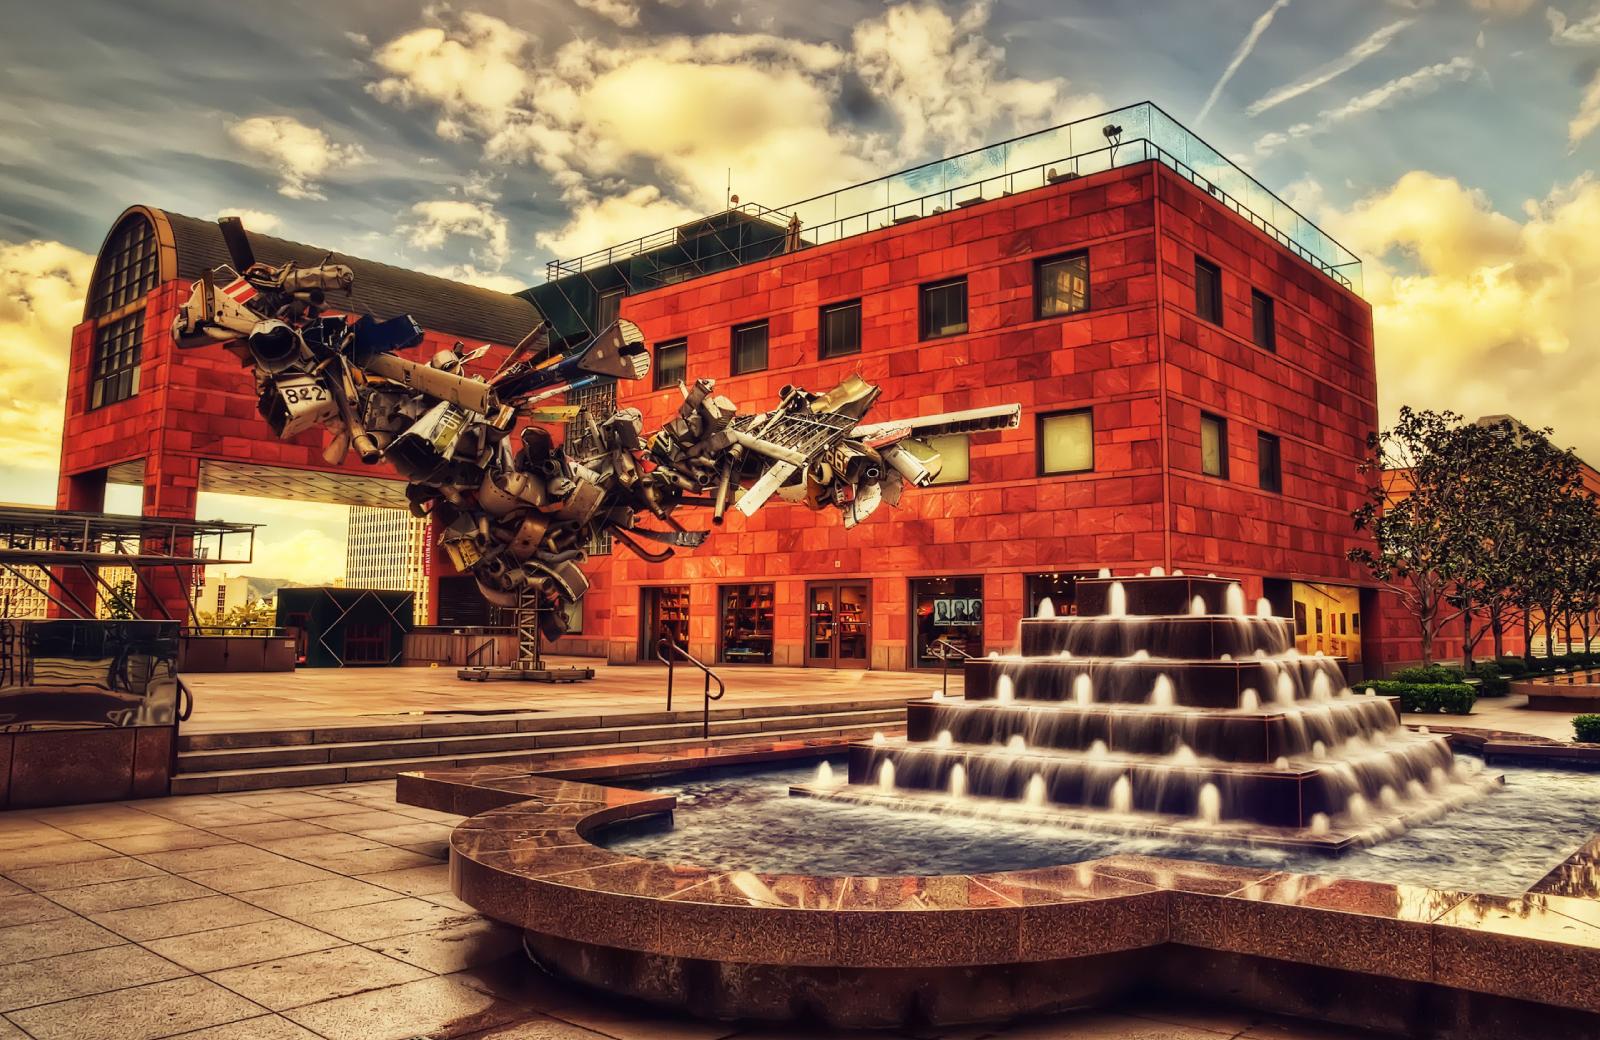 DTLA Art - metal sculpture